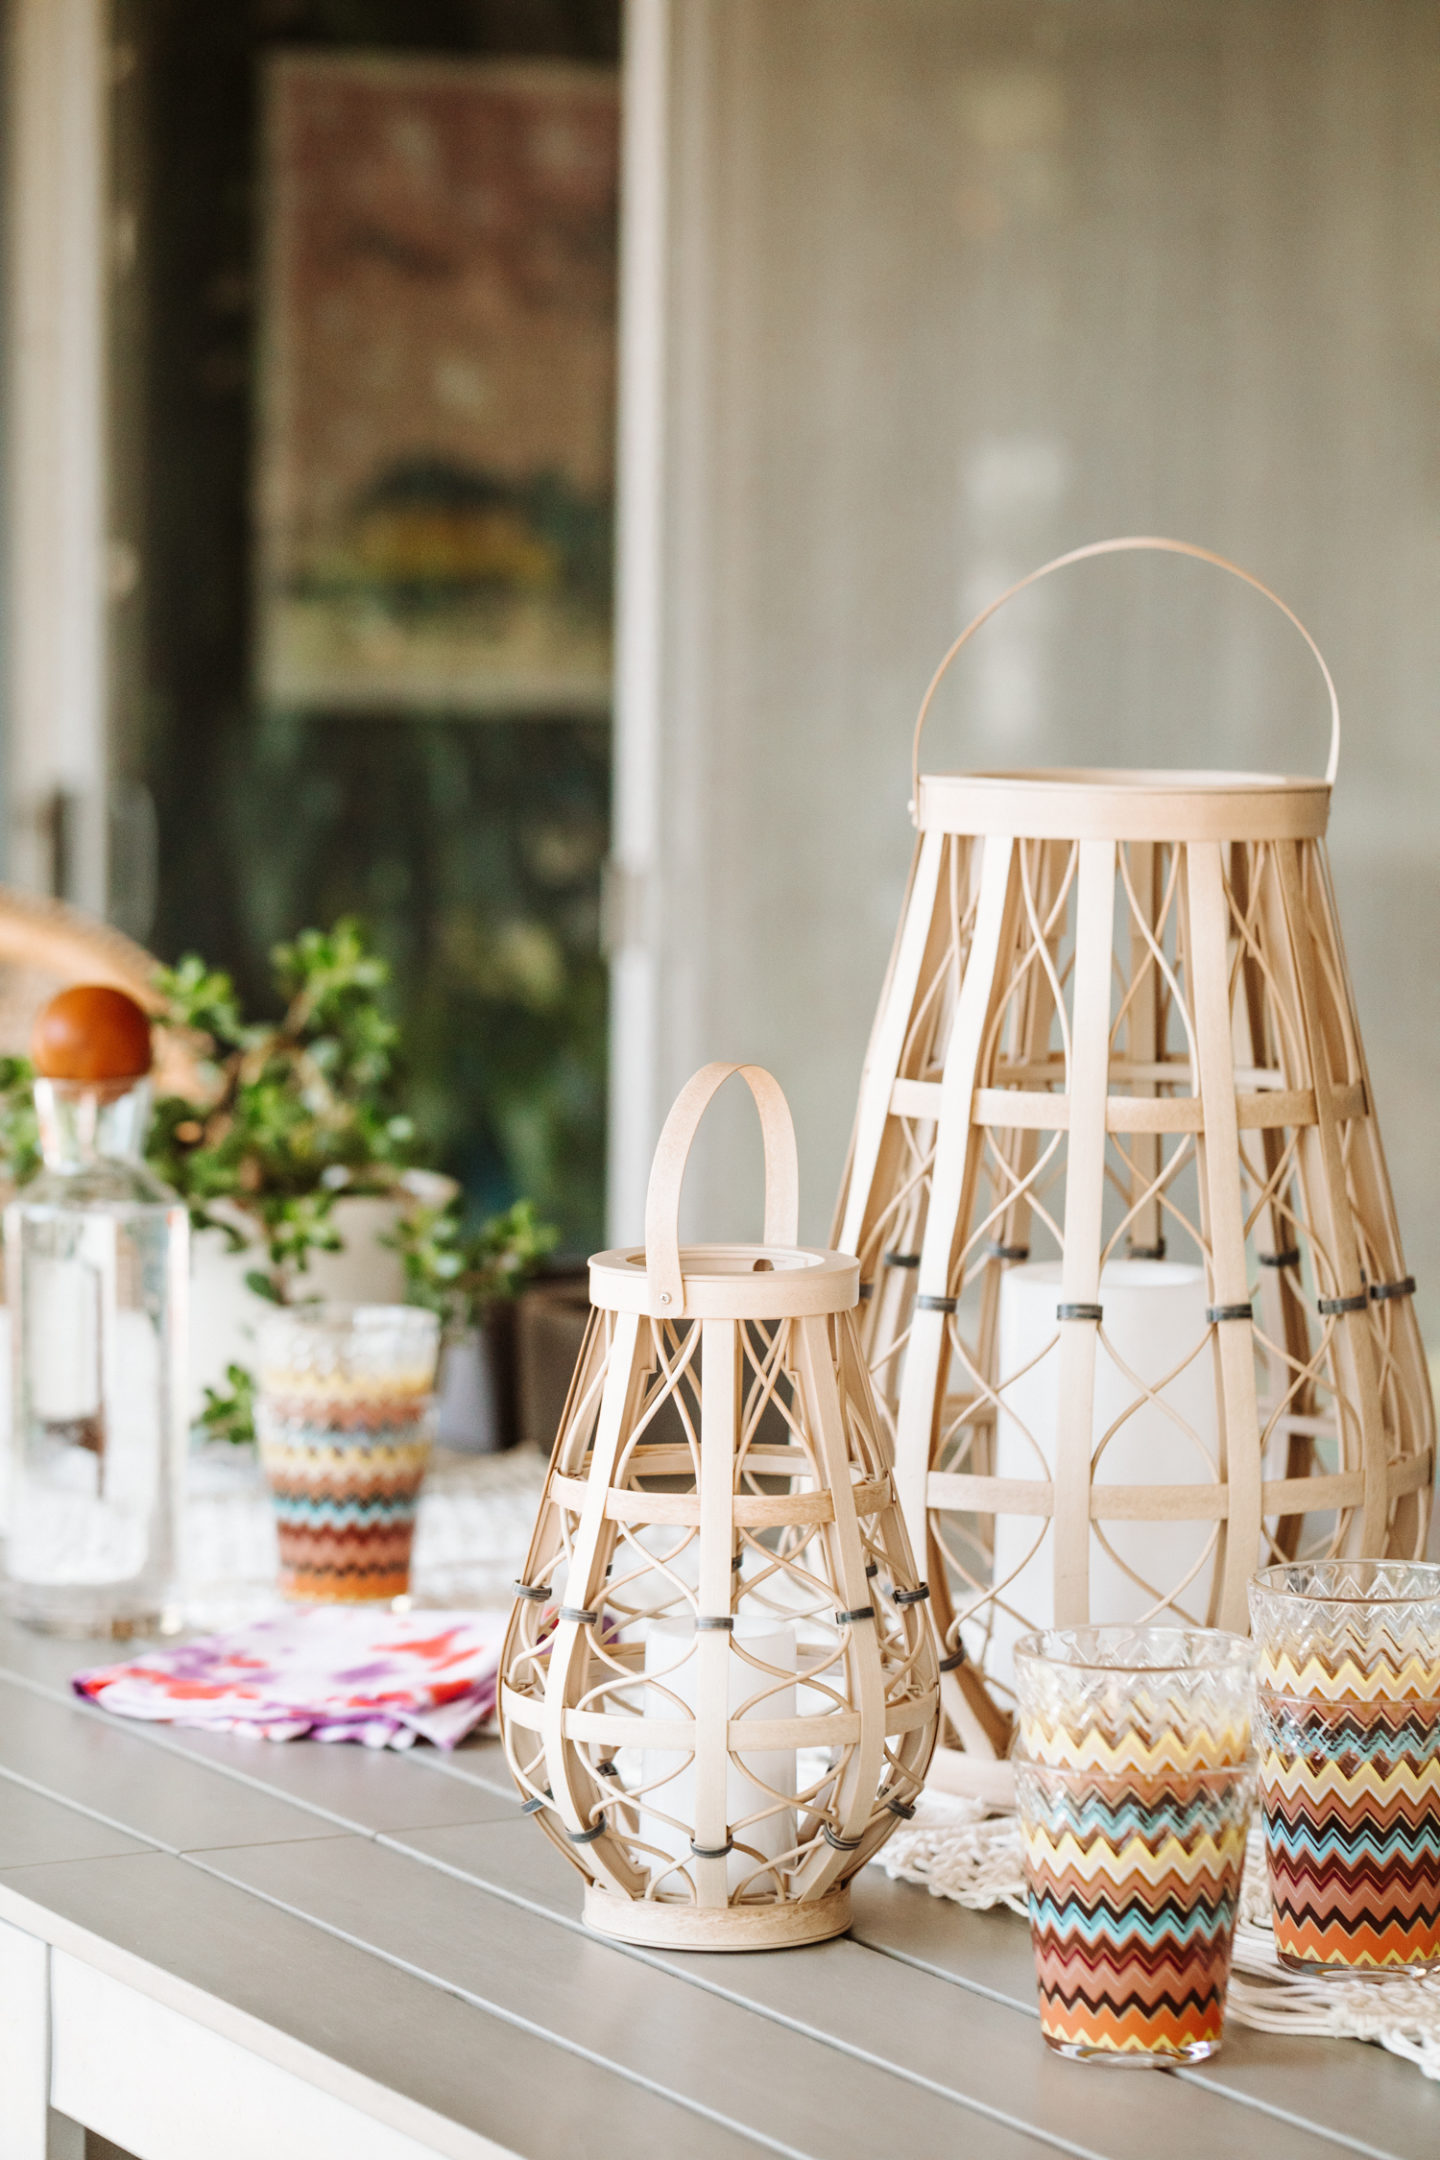 Target outdoor lanterns